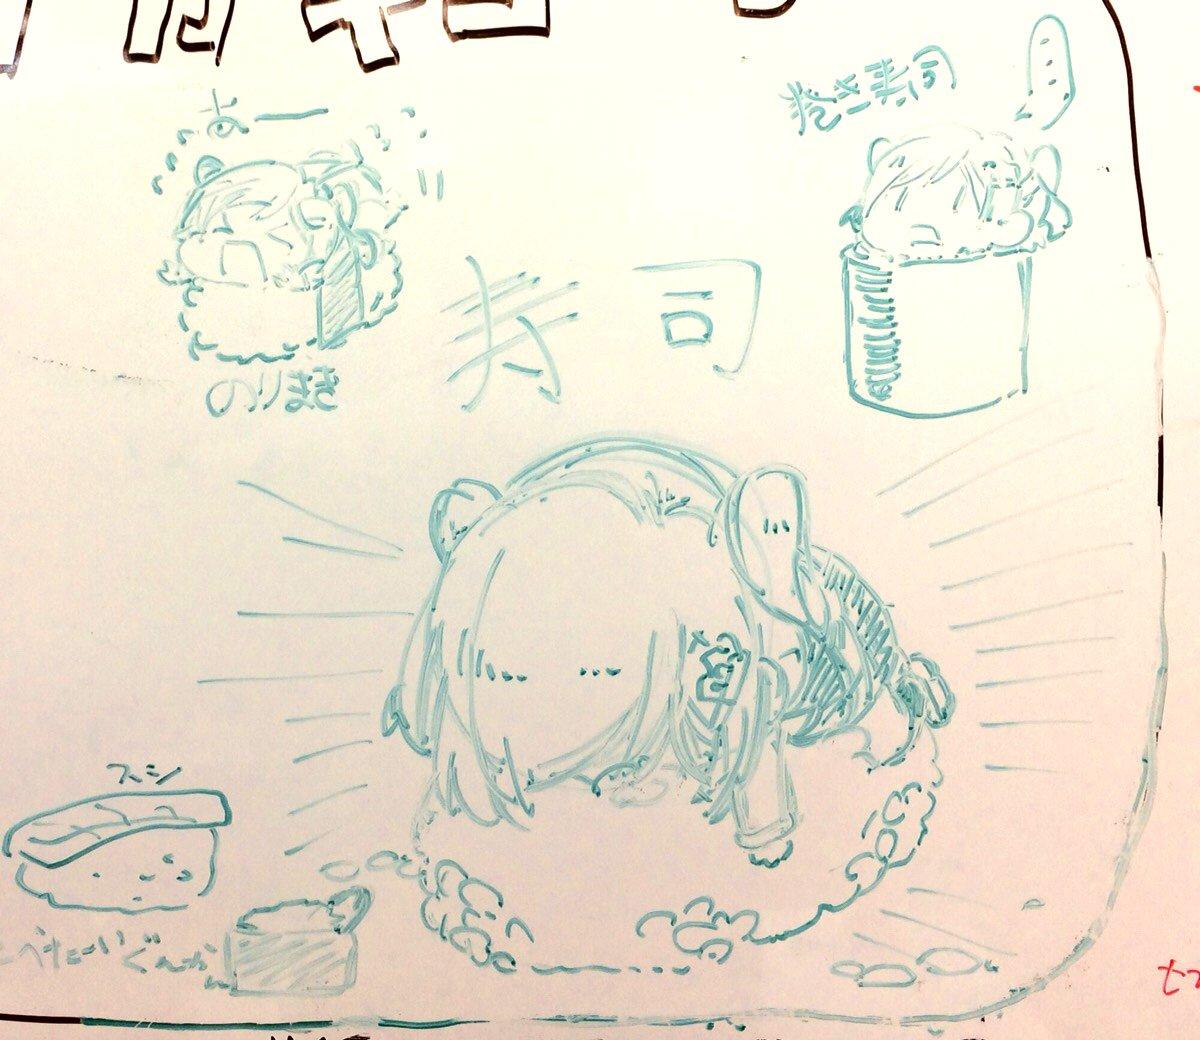 食べたい  #スタァライト #らくがき #寿司